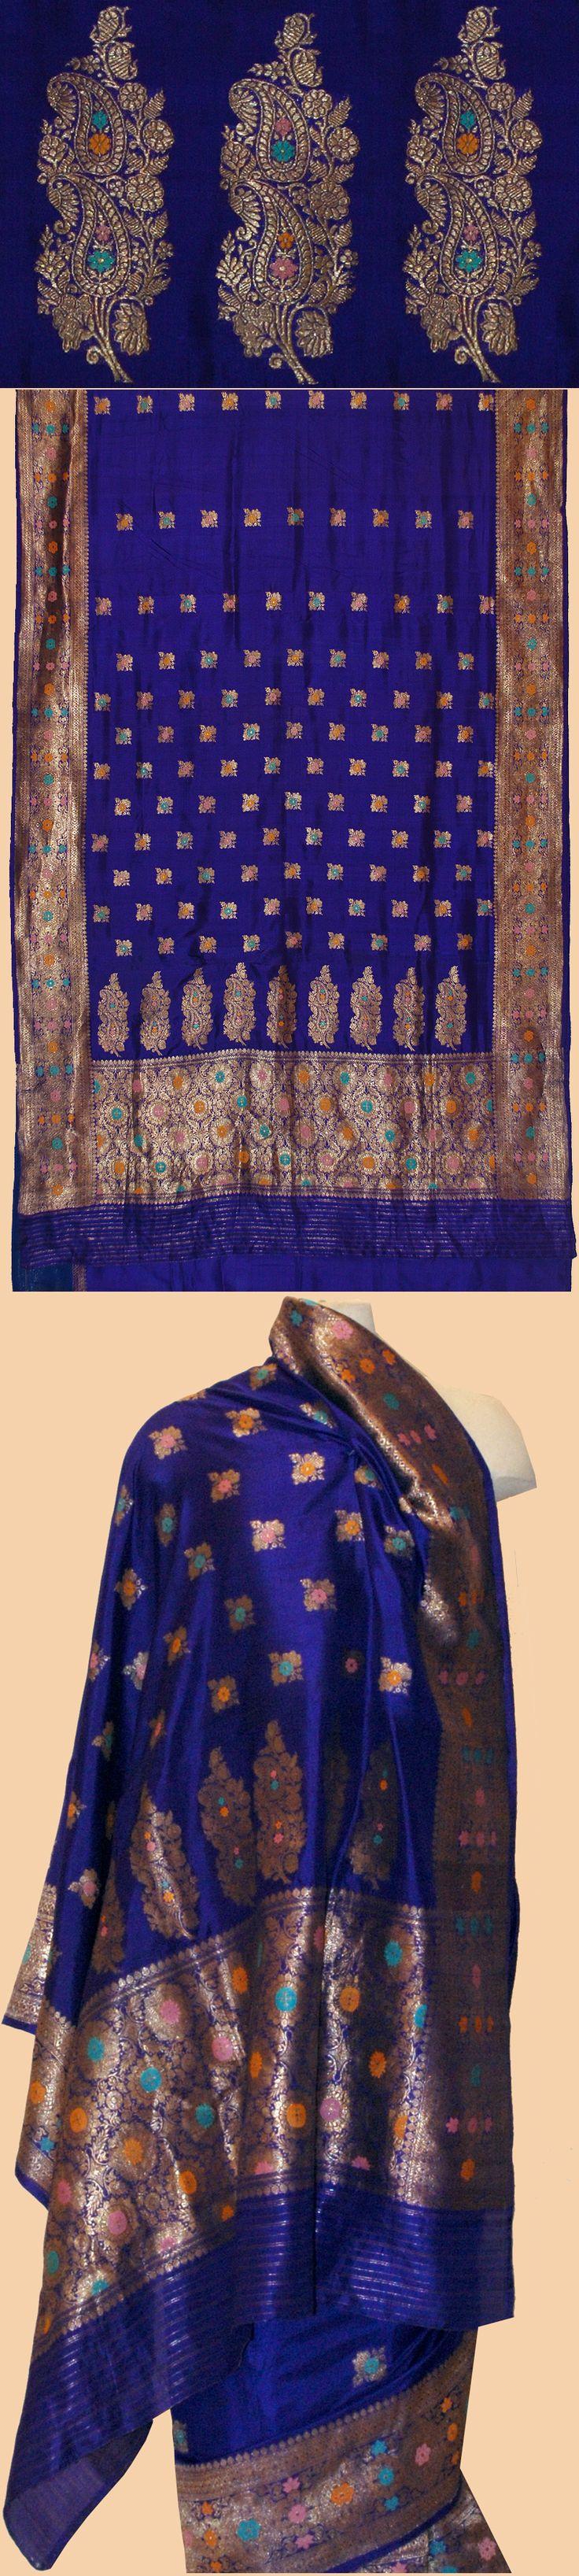 Antique Indian Sari. Silk Brocade with Gold Thread Sari 1800 - 1900 A.D